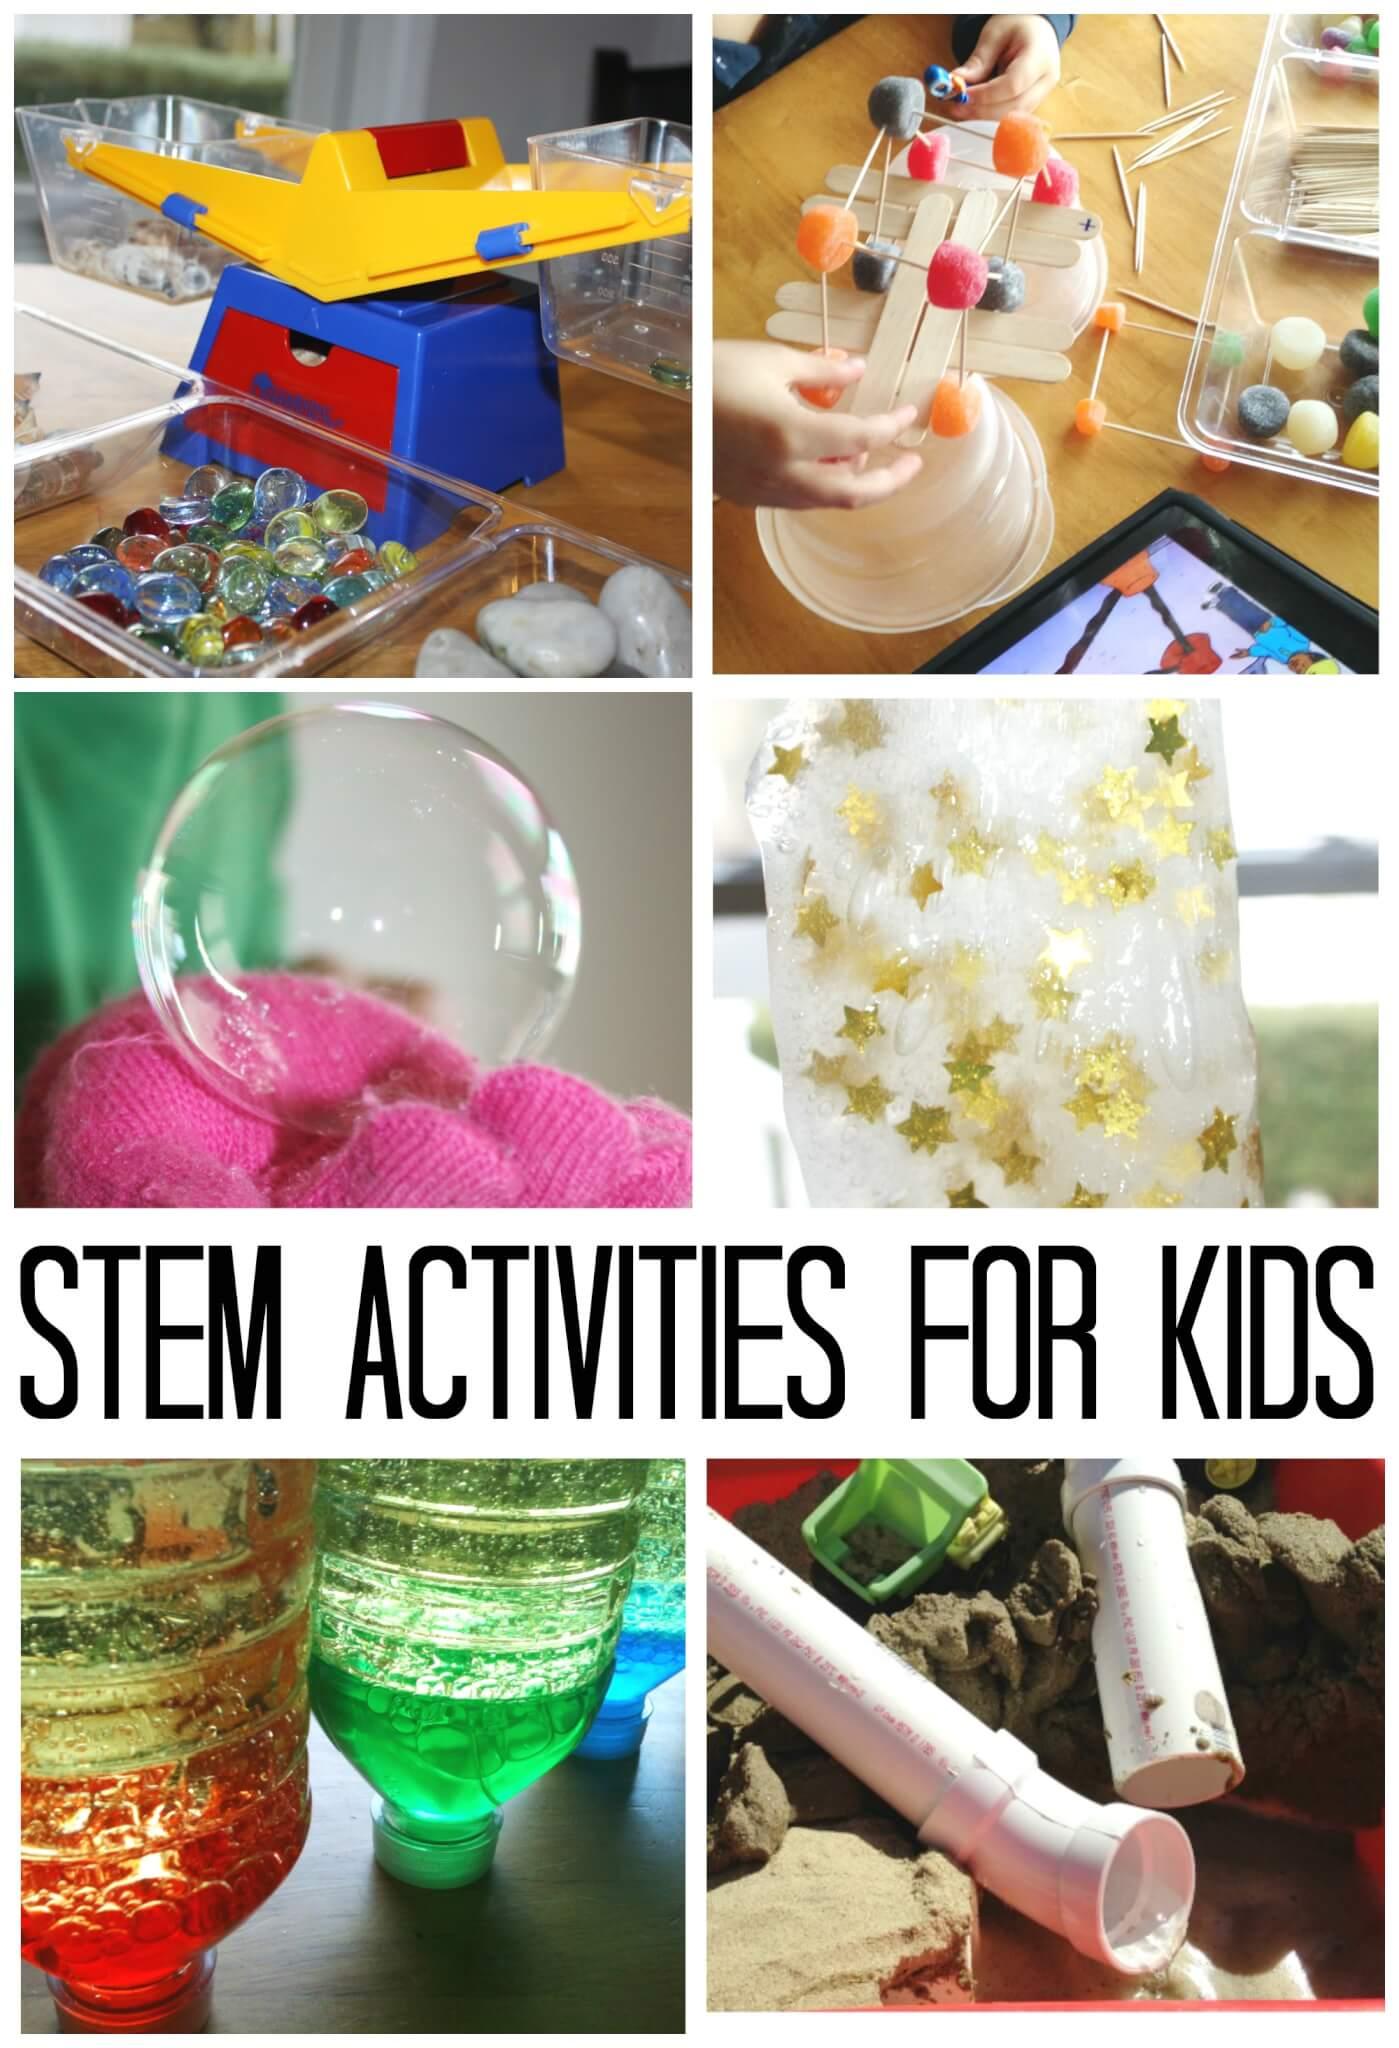 STEM Activities For Kids Ideas - Easy Kindergarten Science Experiments